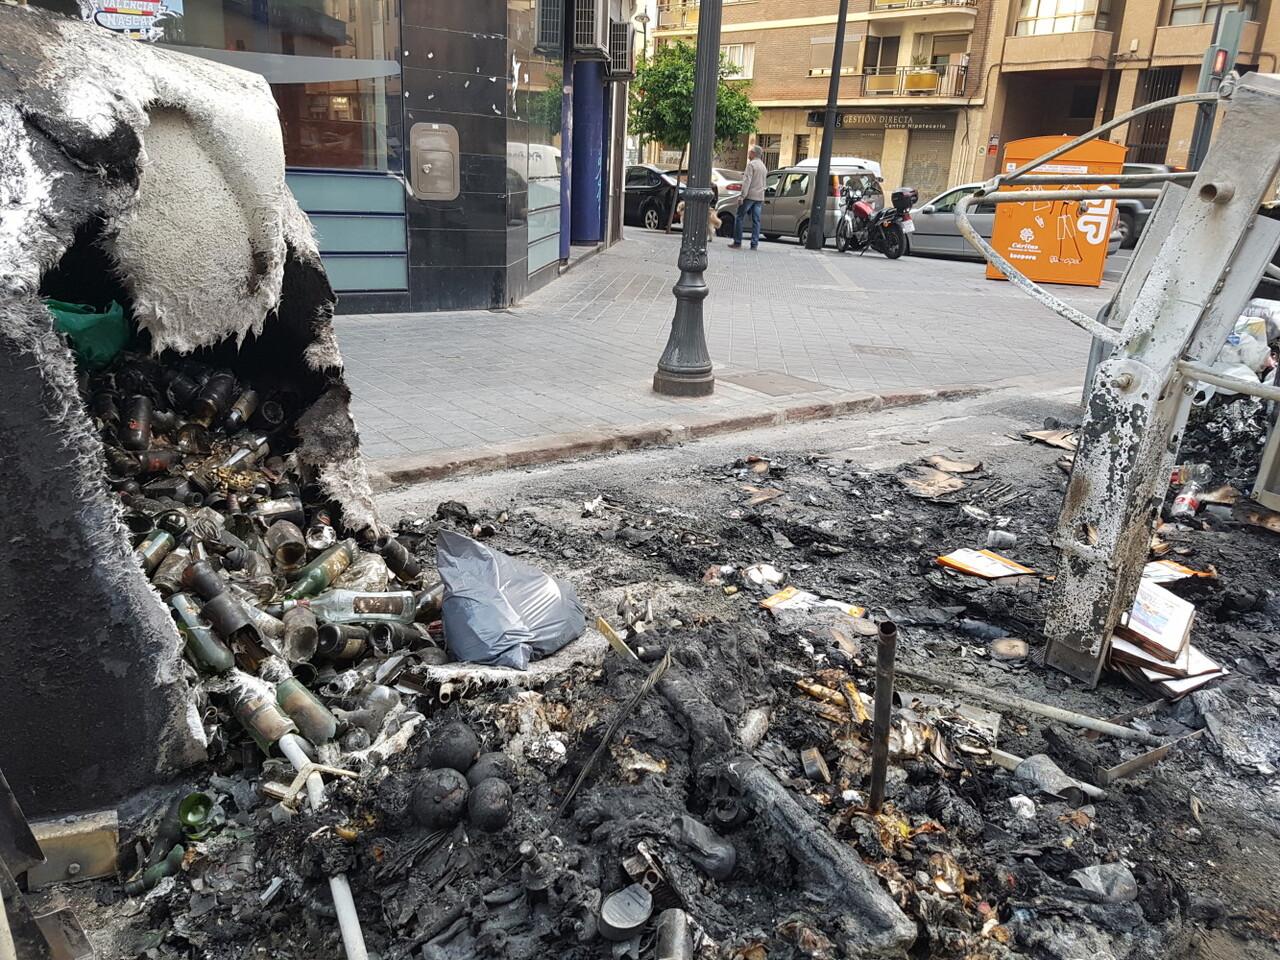 Arden trescontenedores en la calle Visitación de Valencia 20170423_191807 (9)